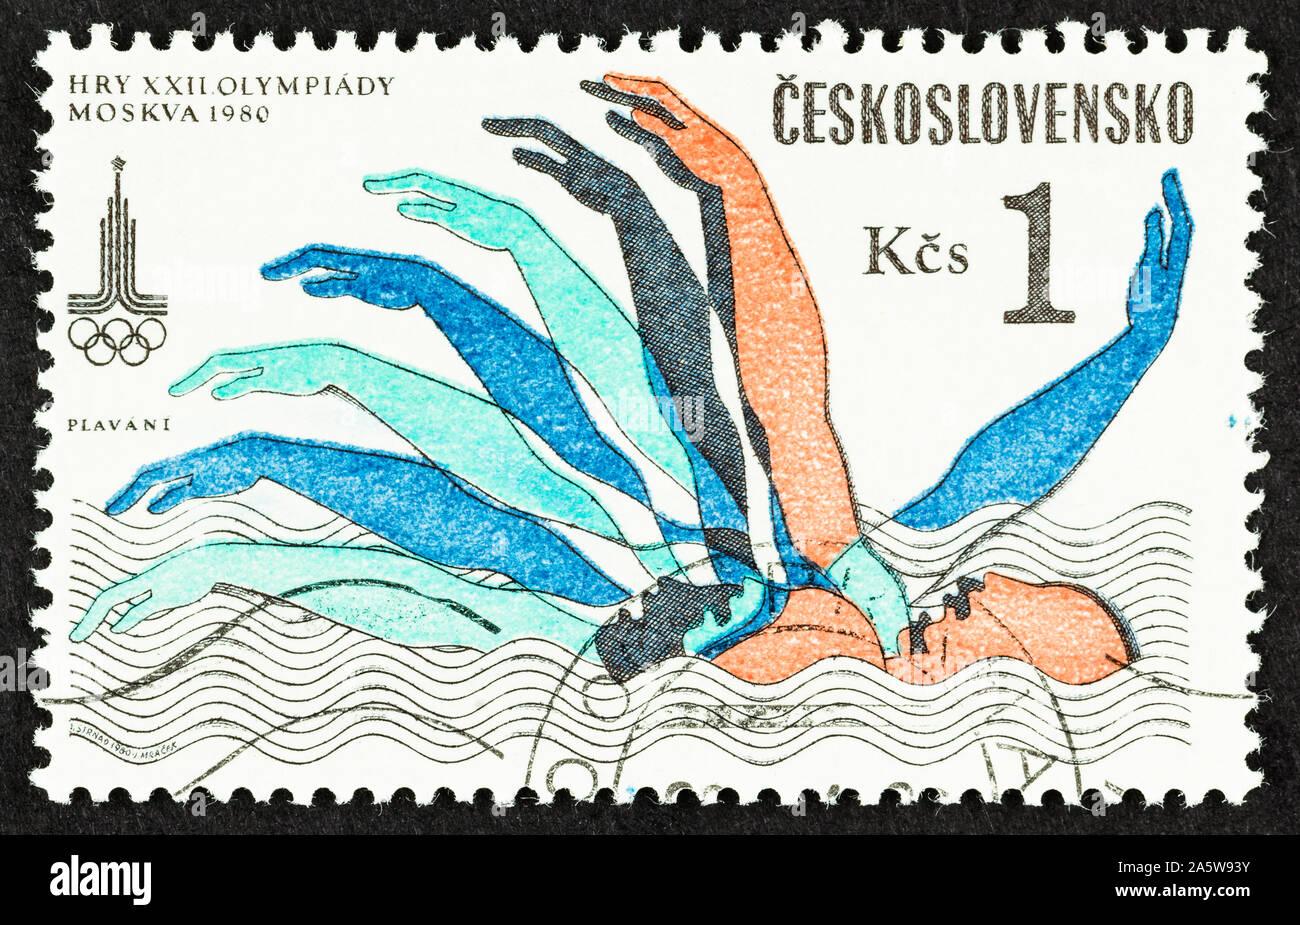 Cerca de Checoslovaquia Postage Stamp, disponiendo de nadador, conmemora el XXII Juegos Olímpicos de Verano de Moscú. Scott # 2547. Foto de stock